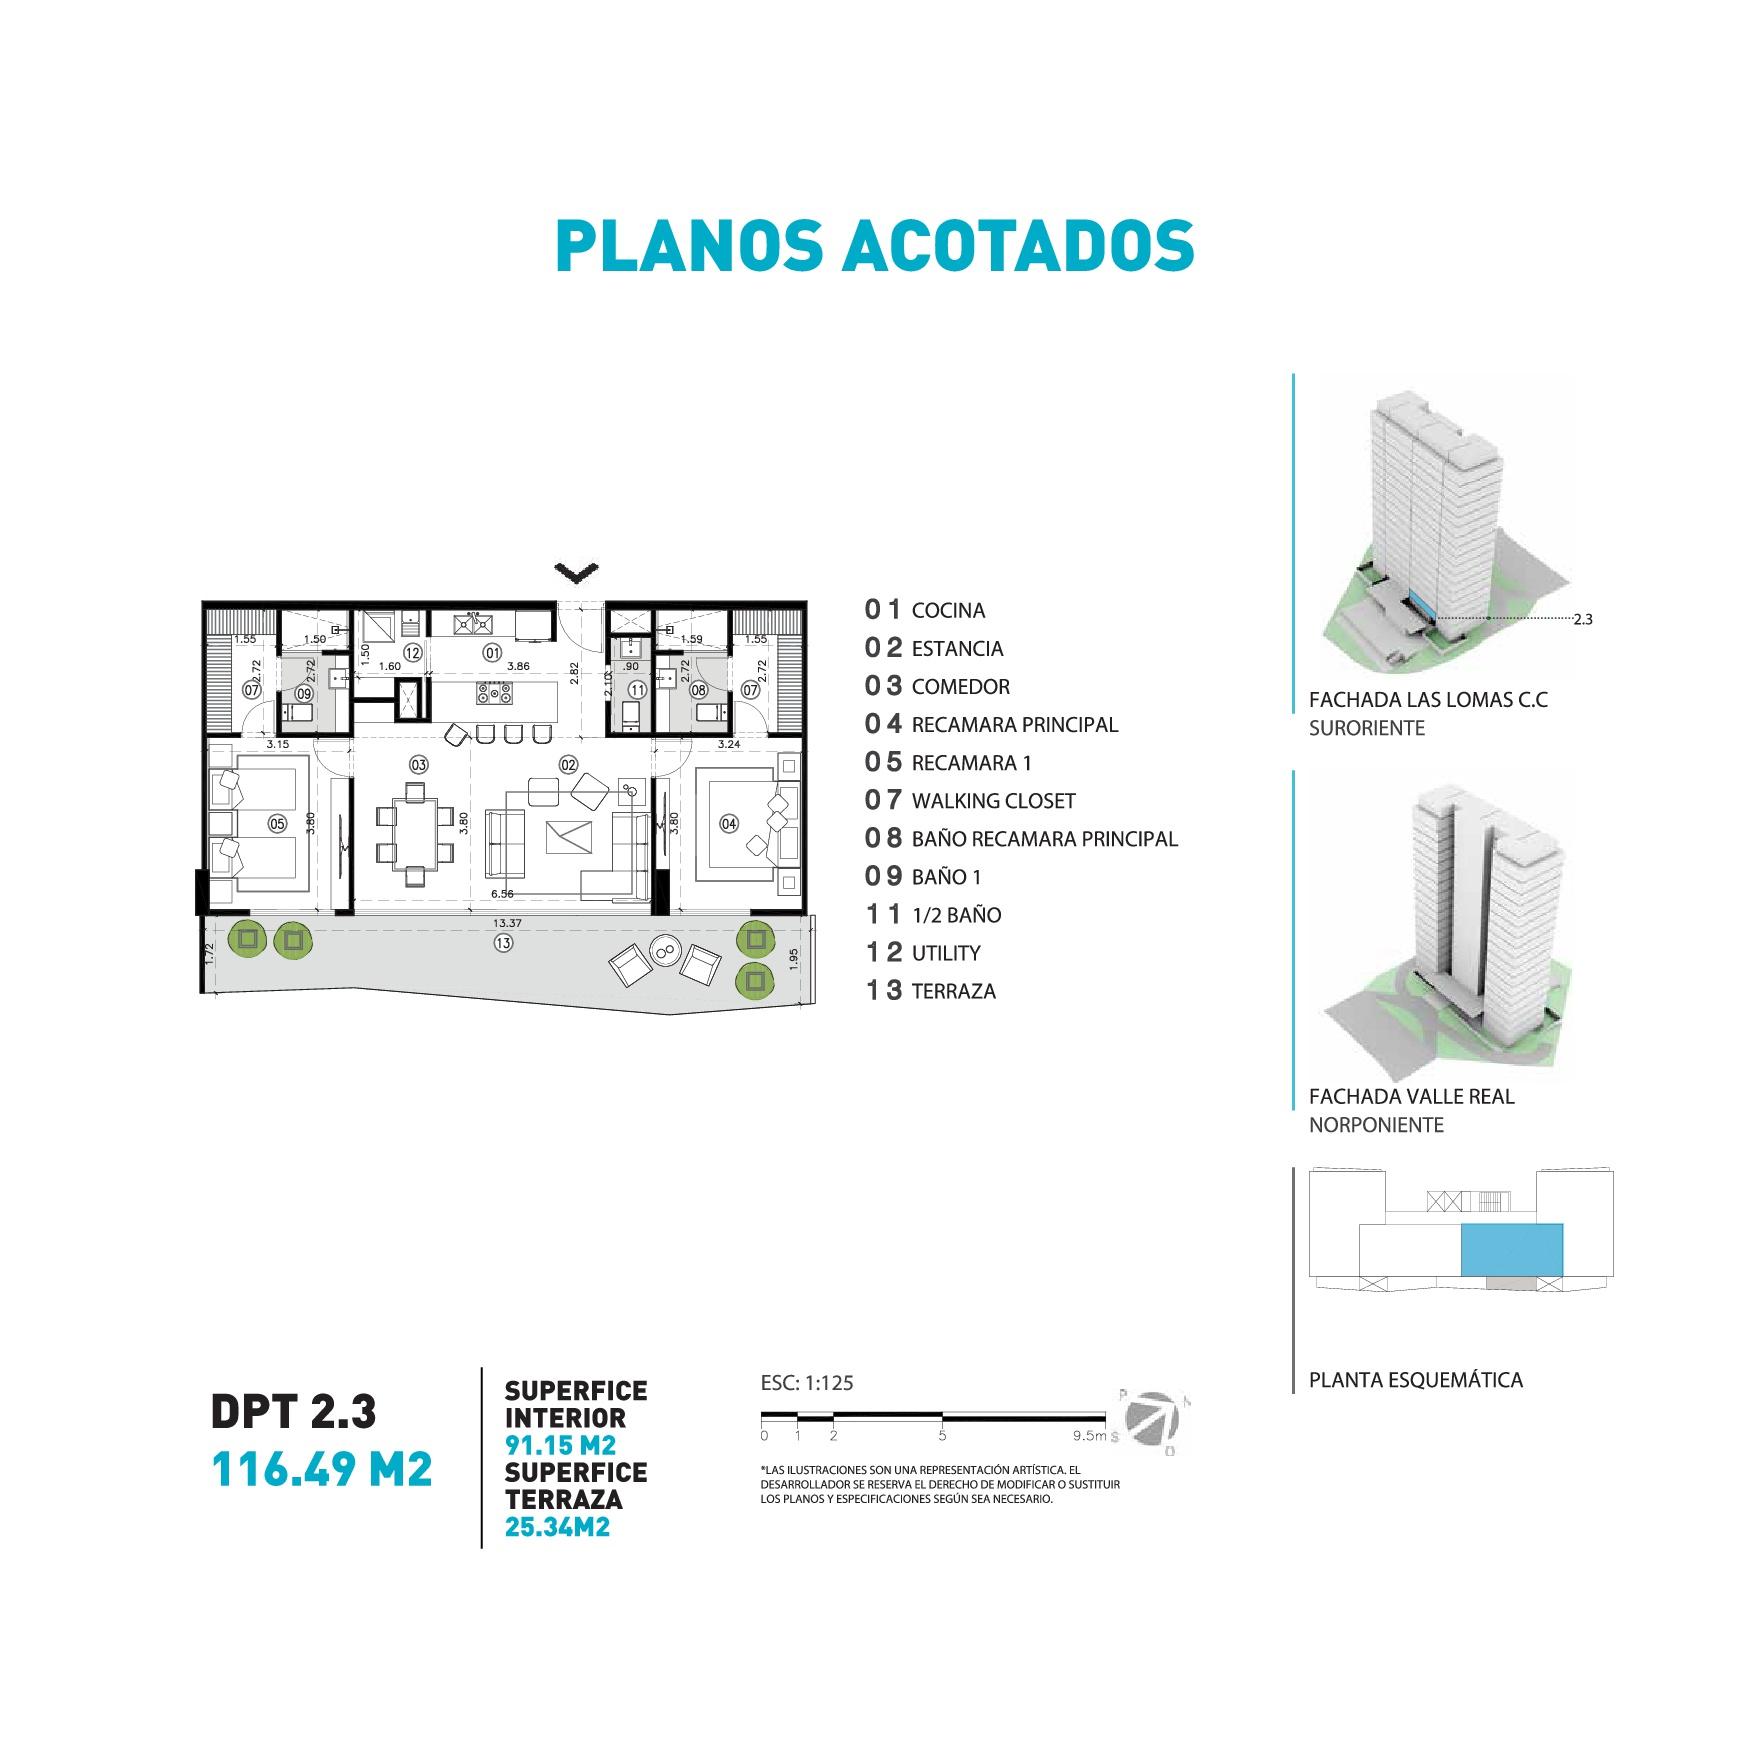 ADANA_038.jpg